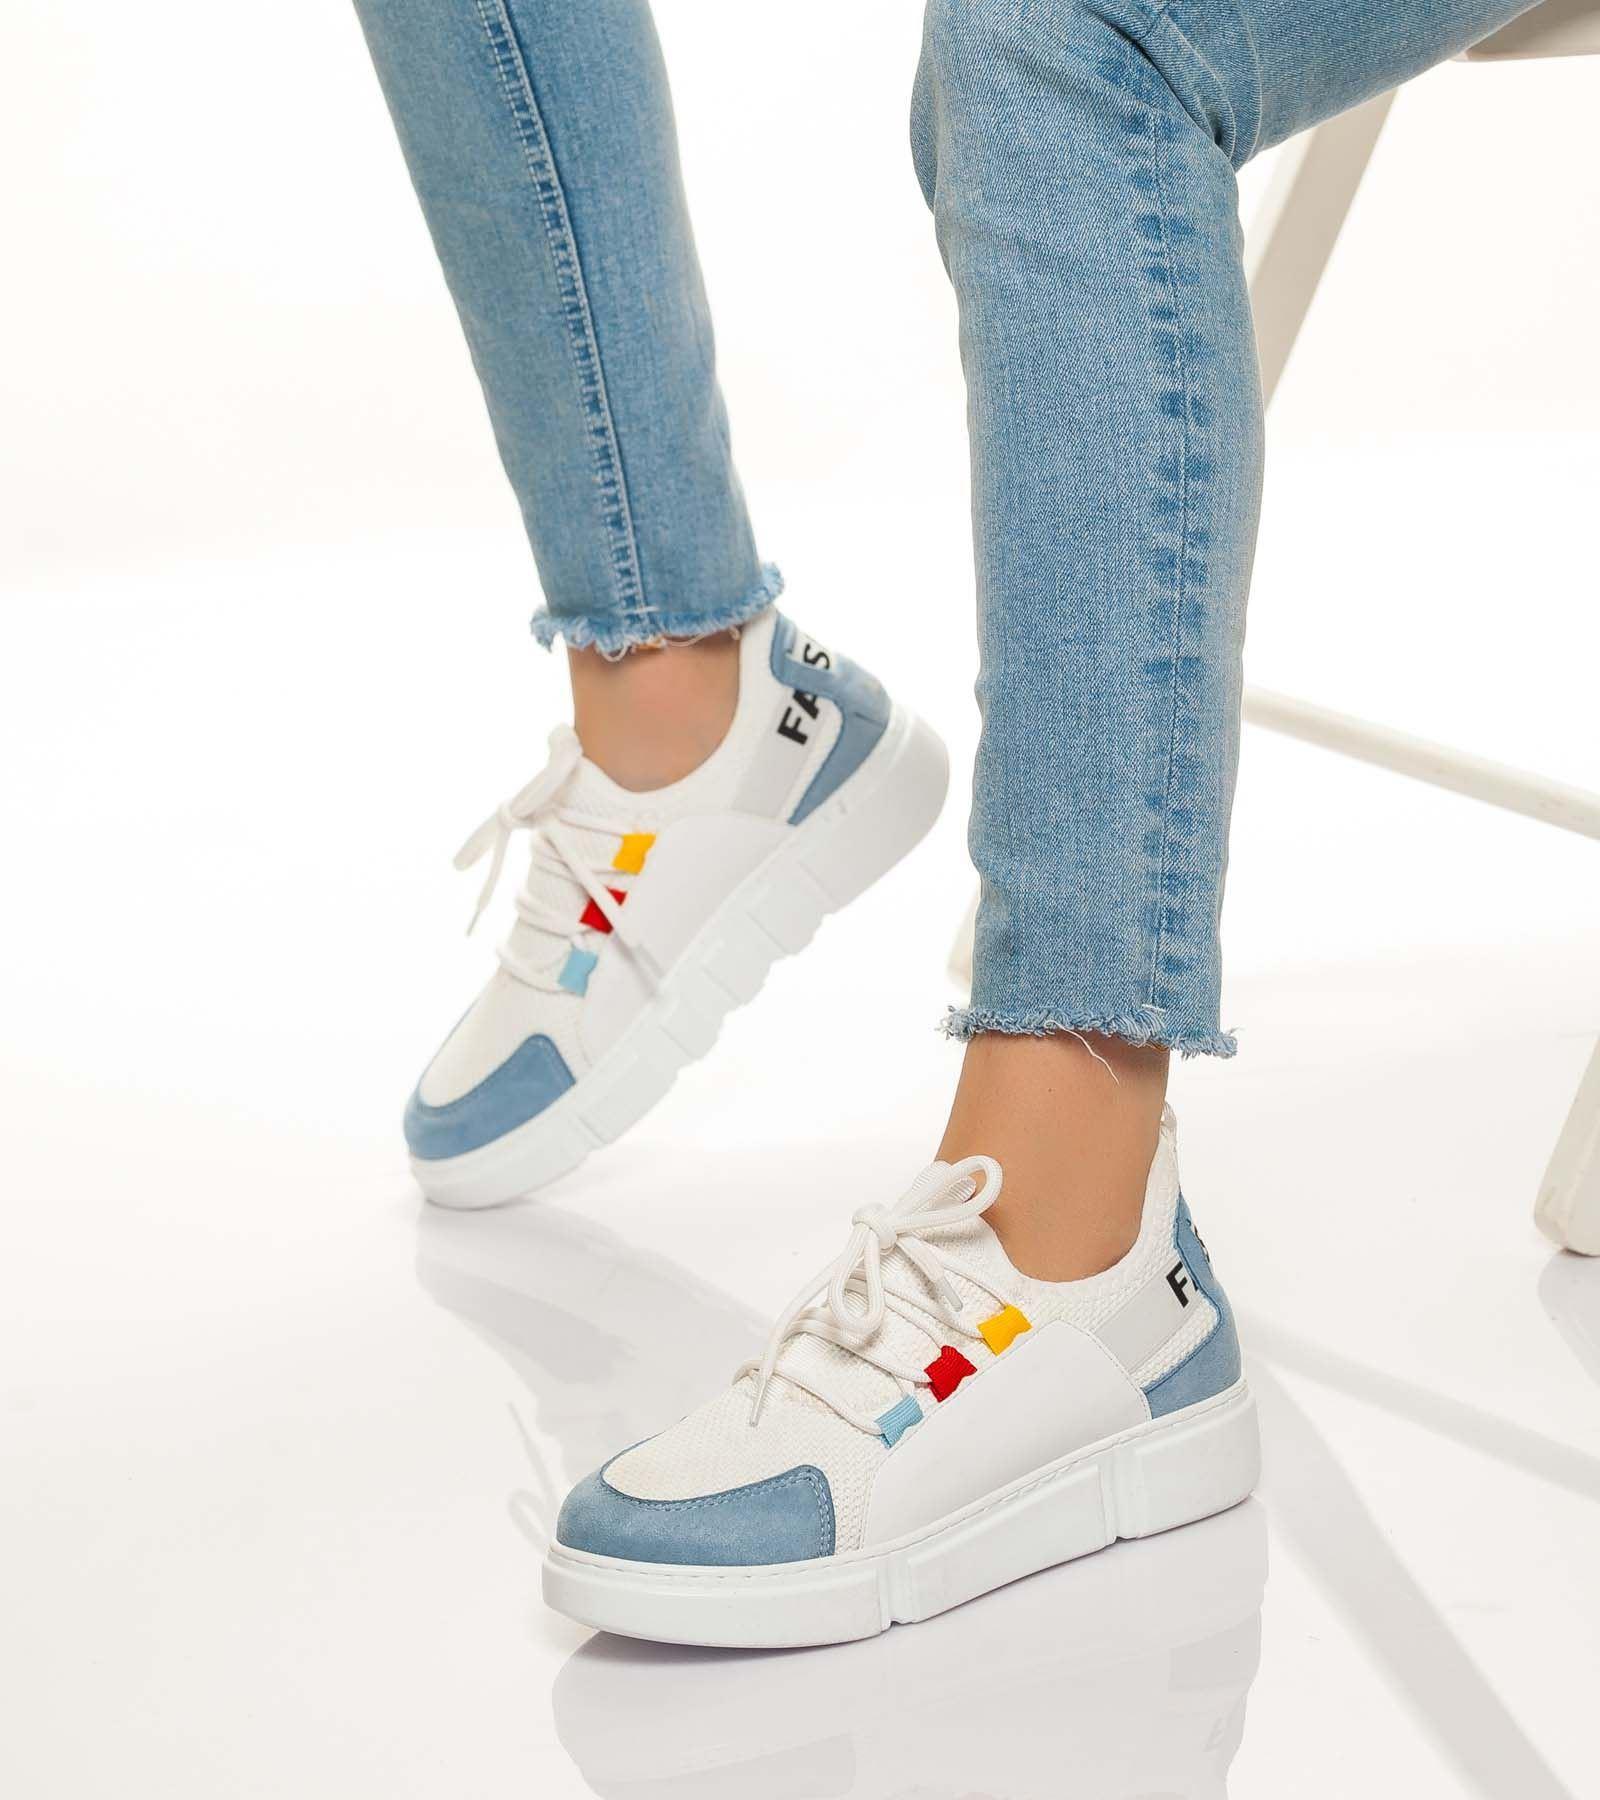 Alonsa Günlük Spor Ayakkabı Buz Mavisi